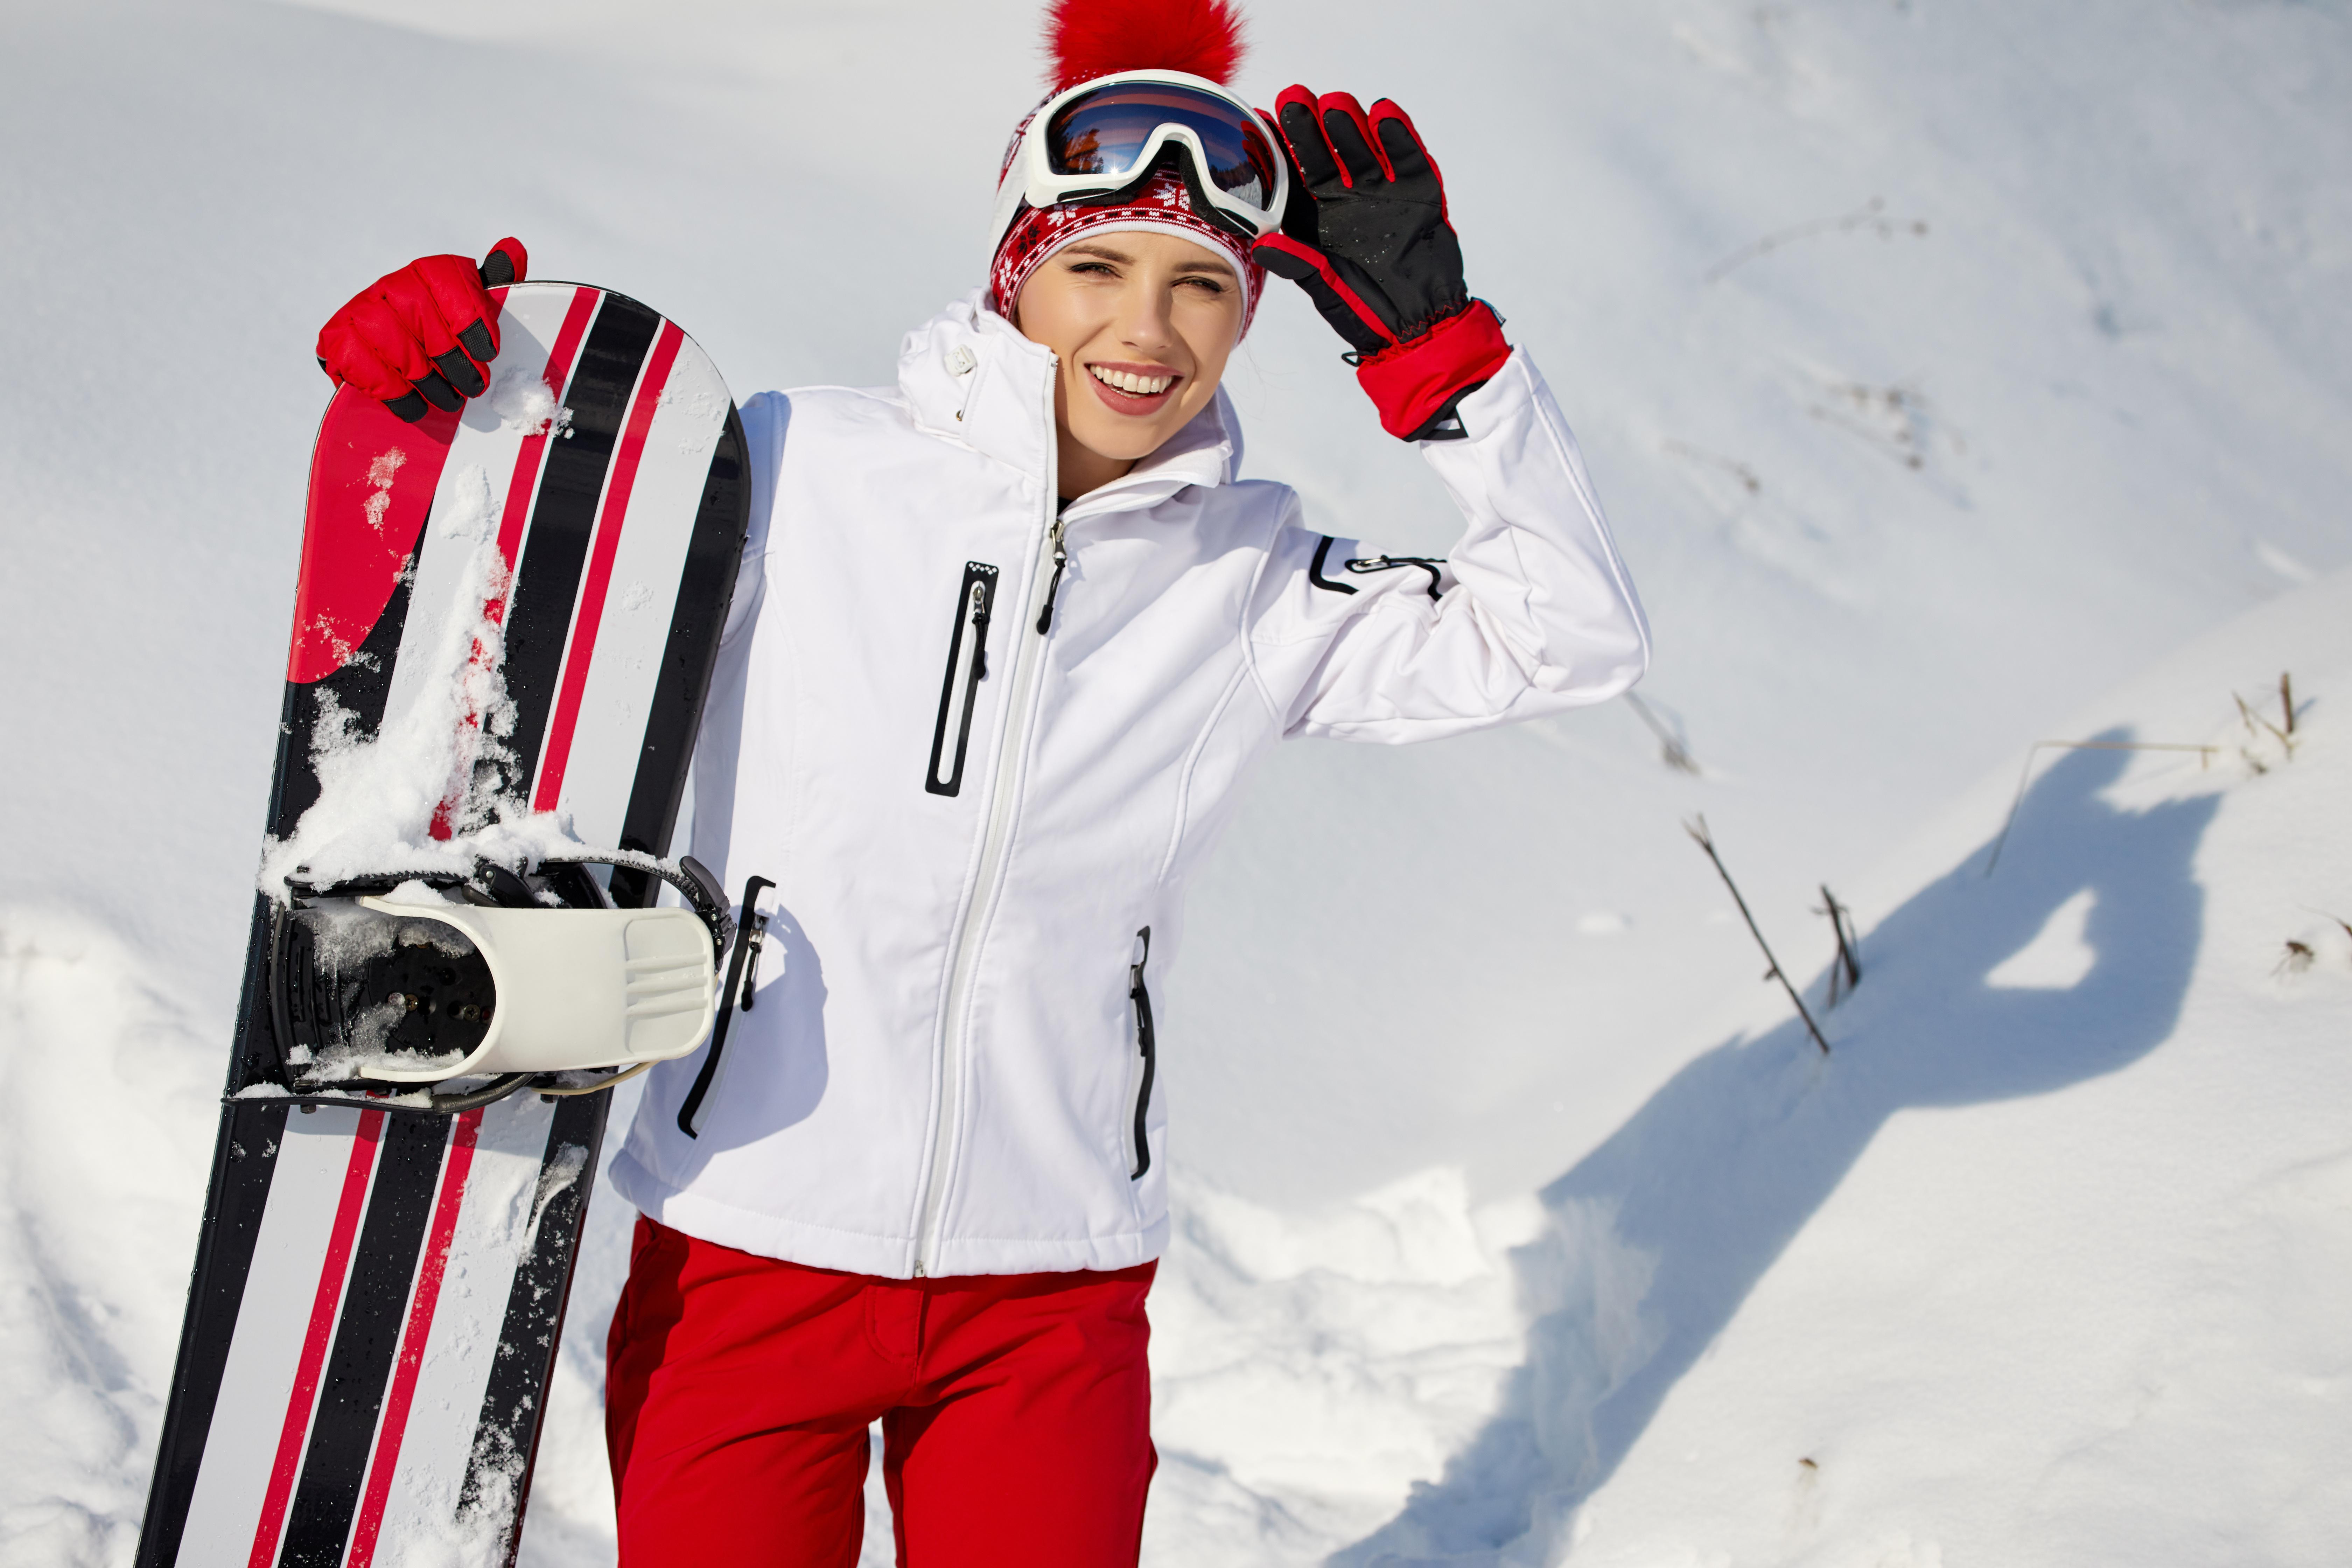 Odzież narciarska – czy wiesz, jak o nią zadbać? | Pralnia